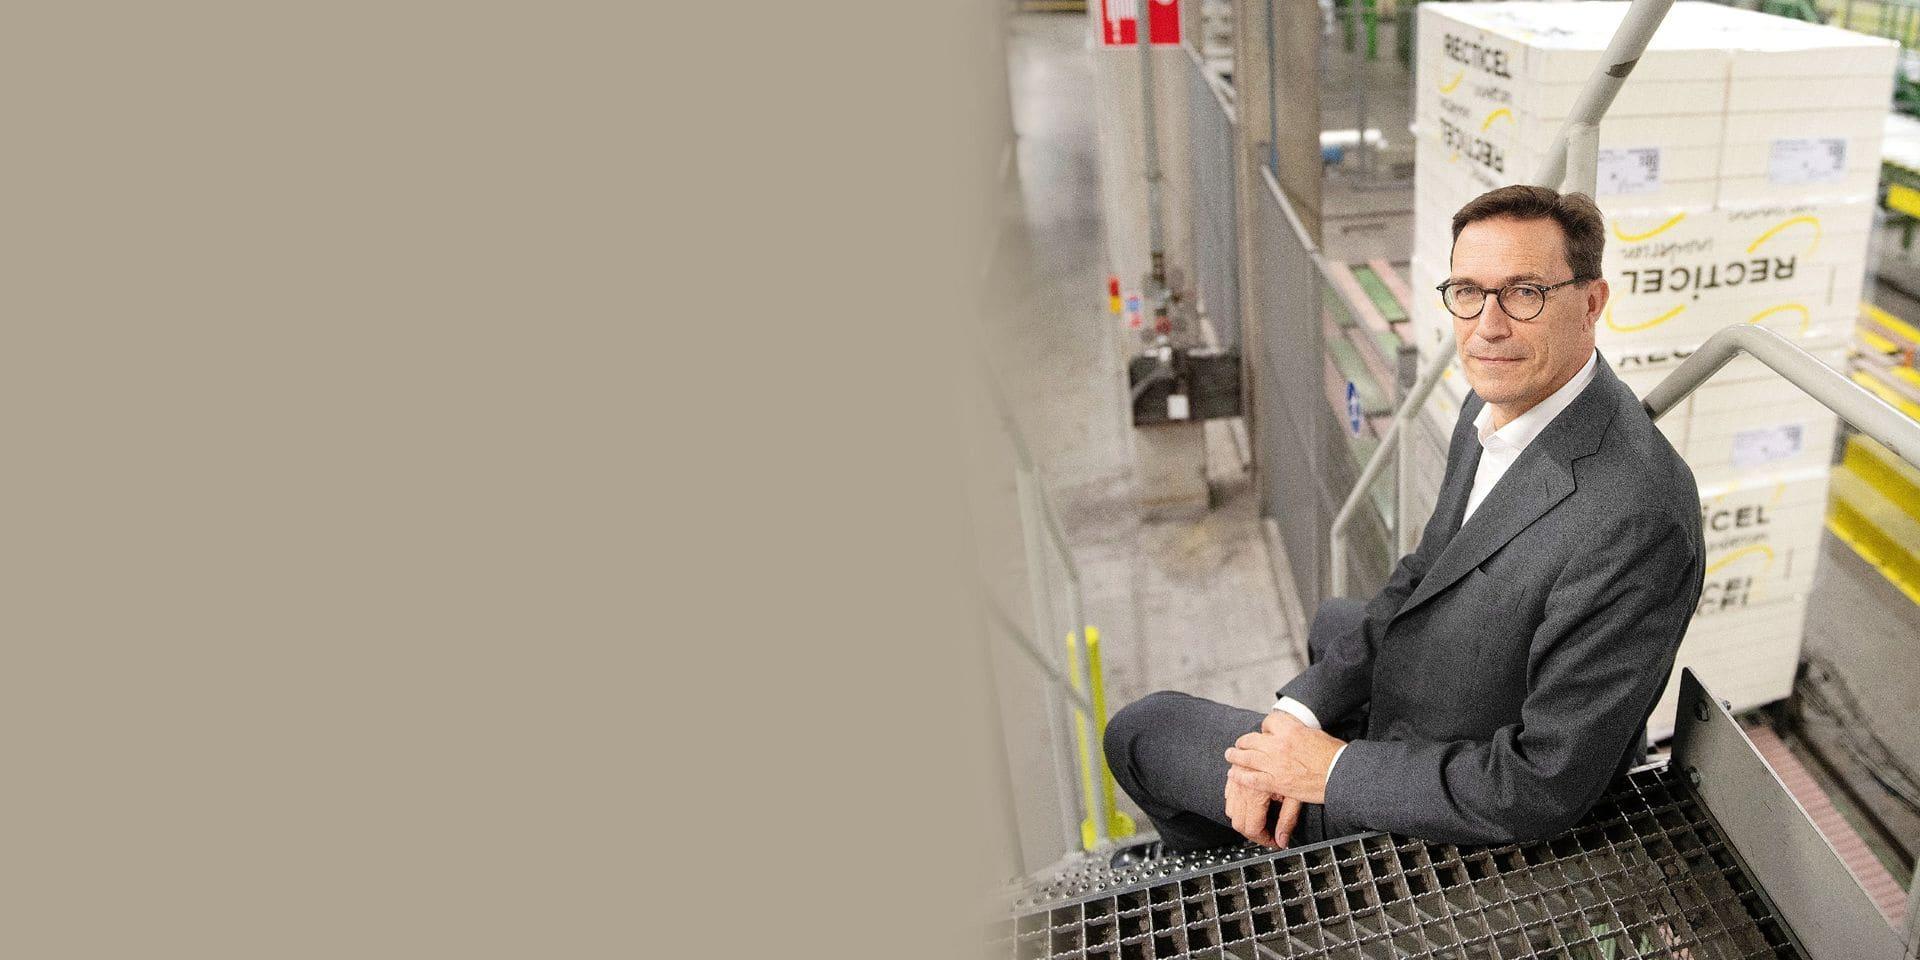 Olivier Chapelle, CEO de Recticel depuis 2009, a recentré les activités sur le cœur de métier: l'isolation.